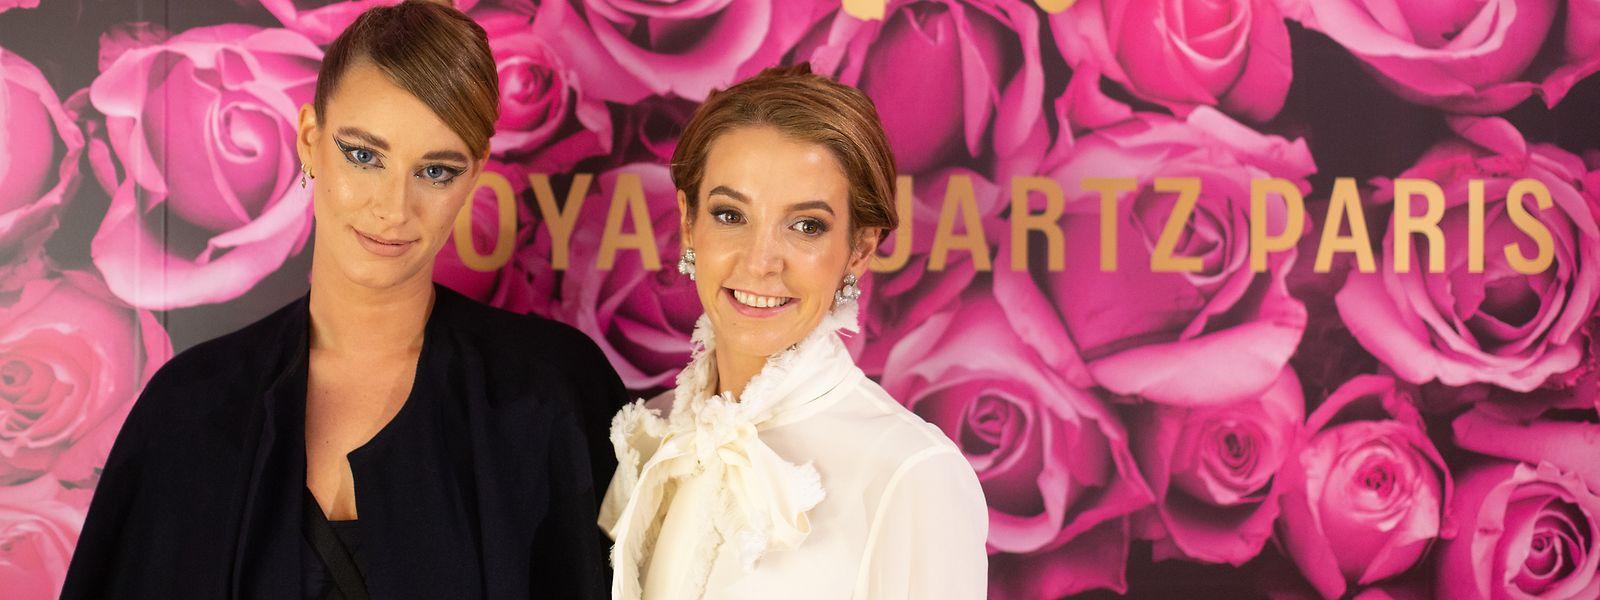 Tessy Antony de Nassau (rechts) und Mandy Graff anlässlich einer Modenschau in der Galerie Lafayette im Oktober 2020.